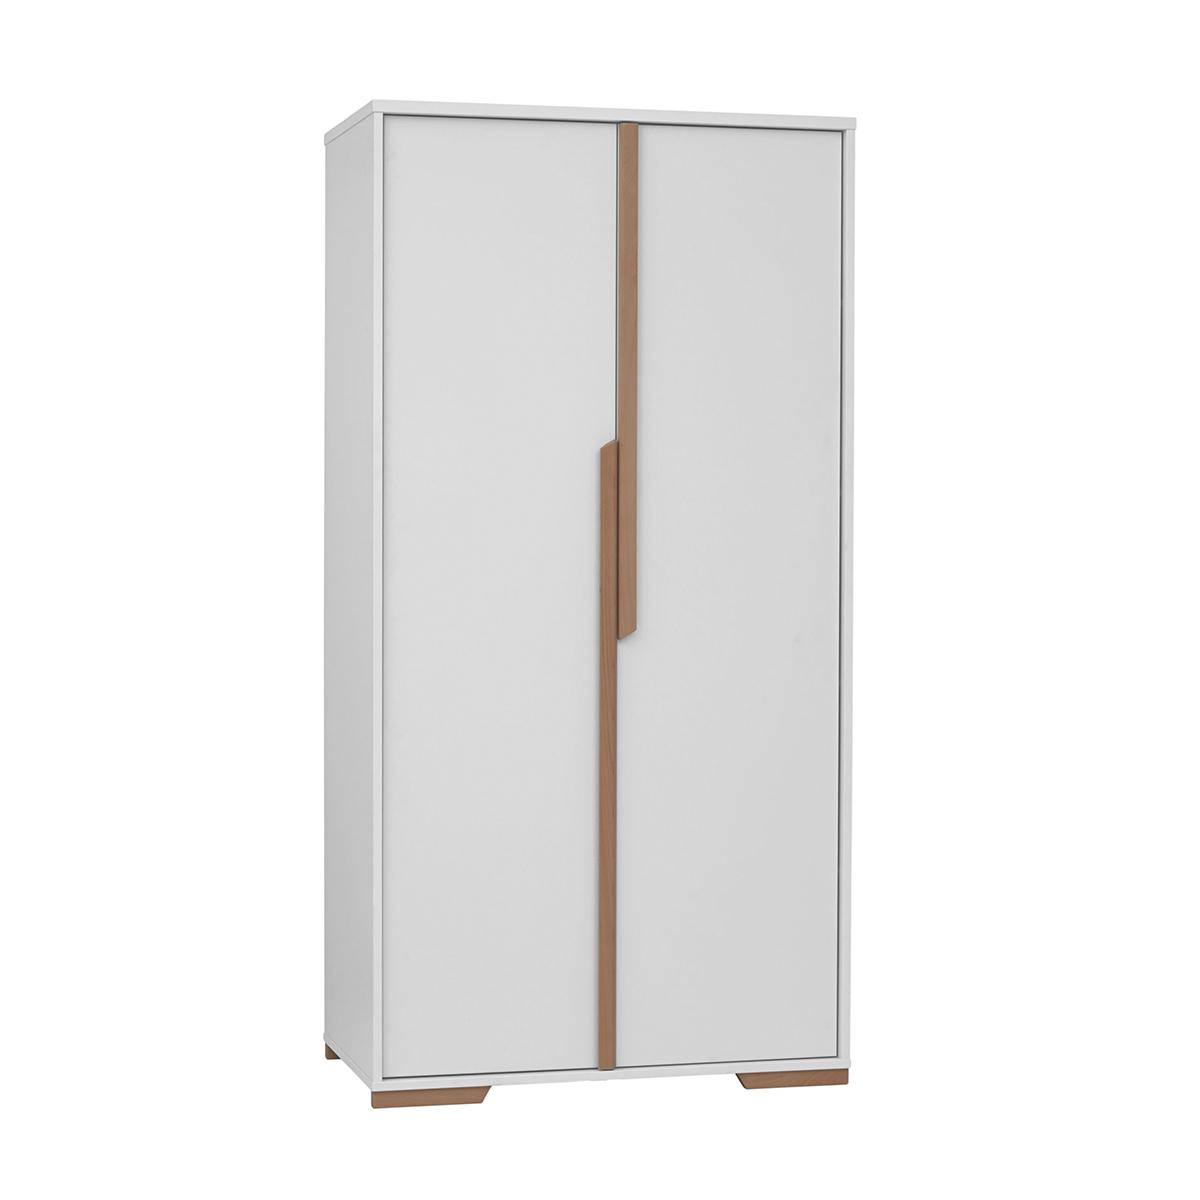 Pinio - Armoire 2 portes Snap - Blanc et bois